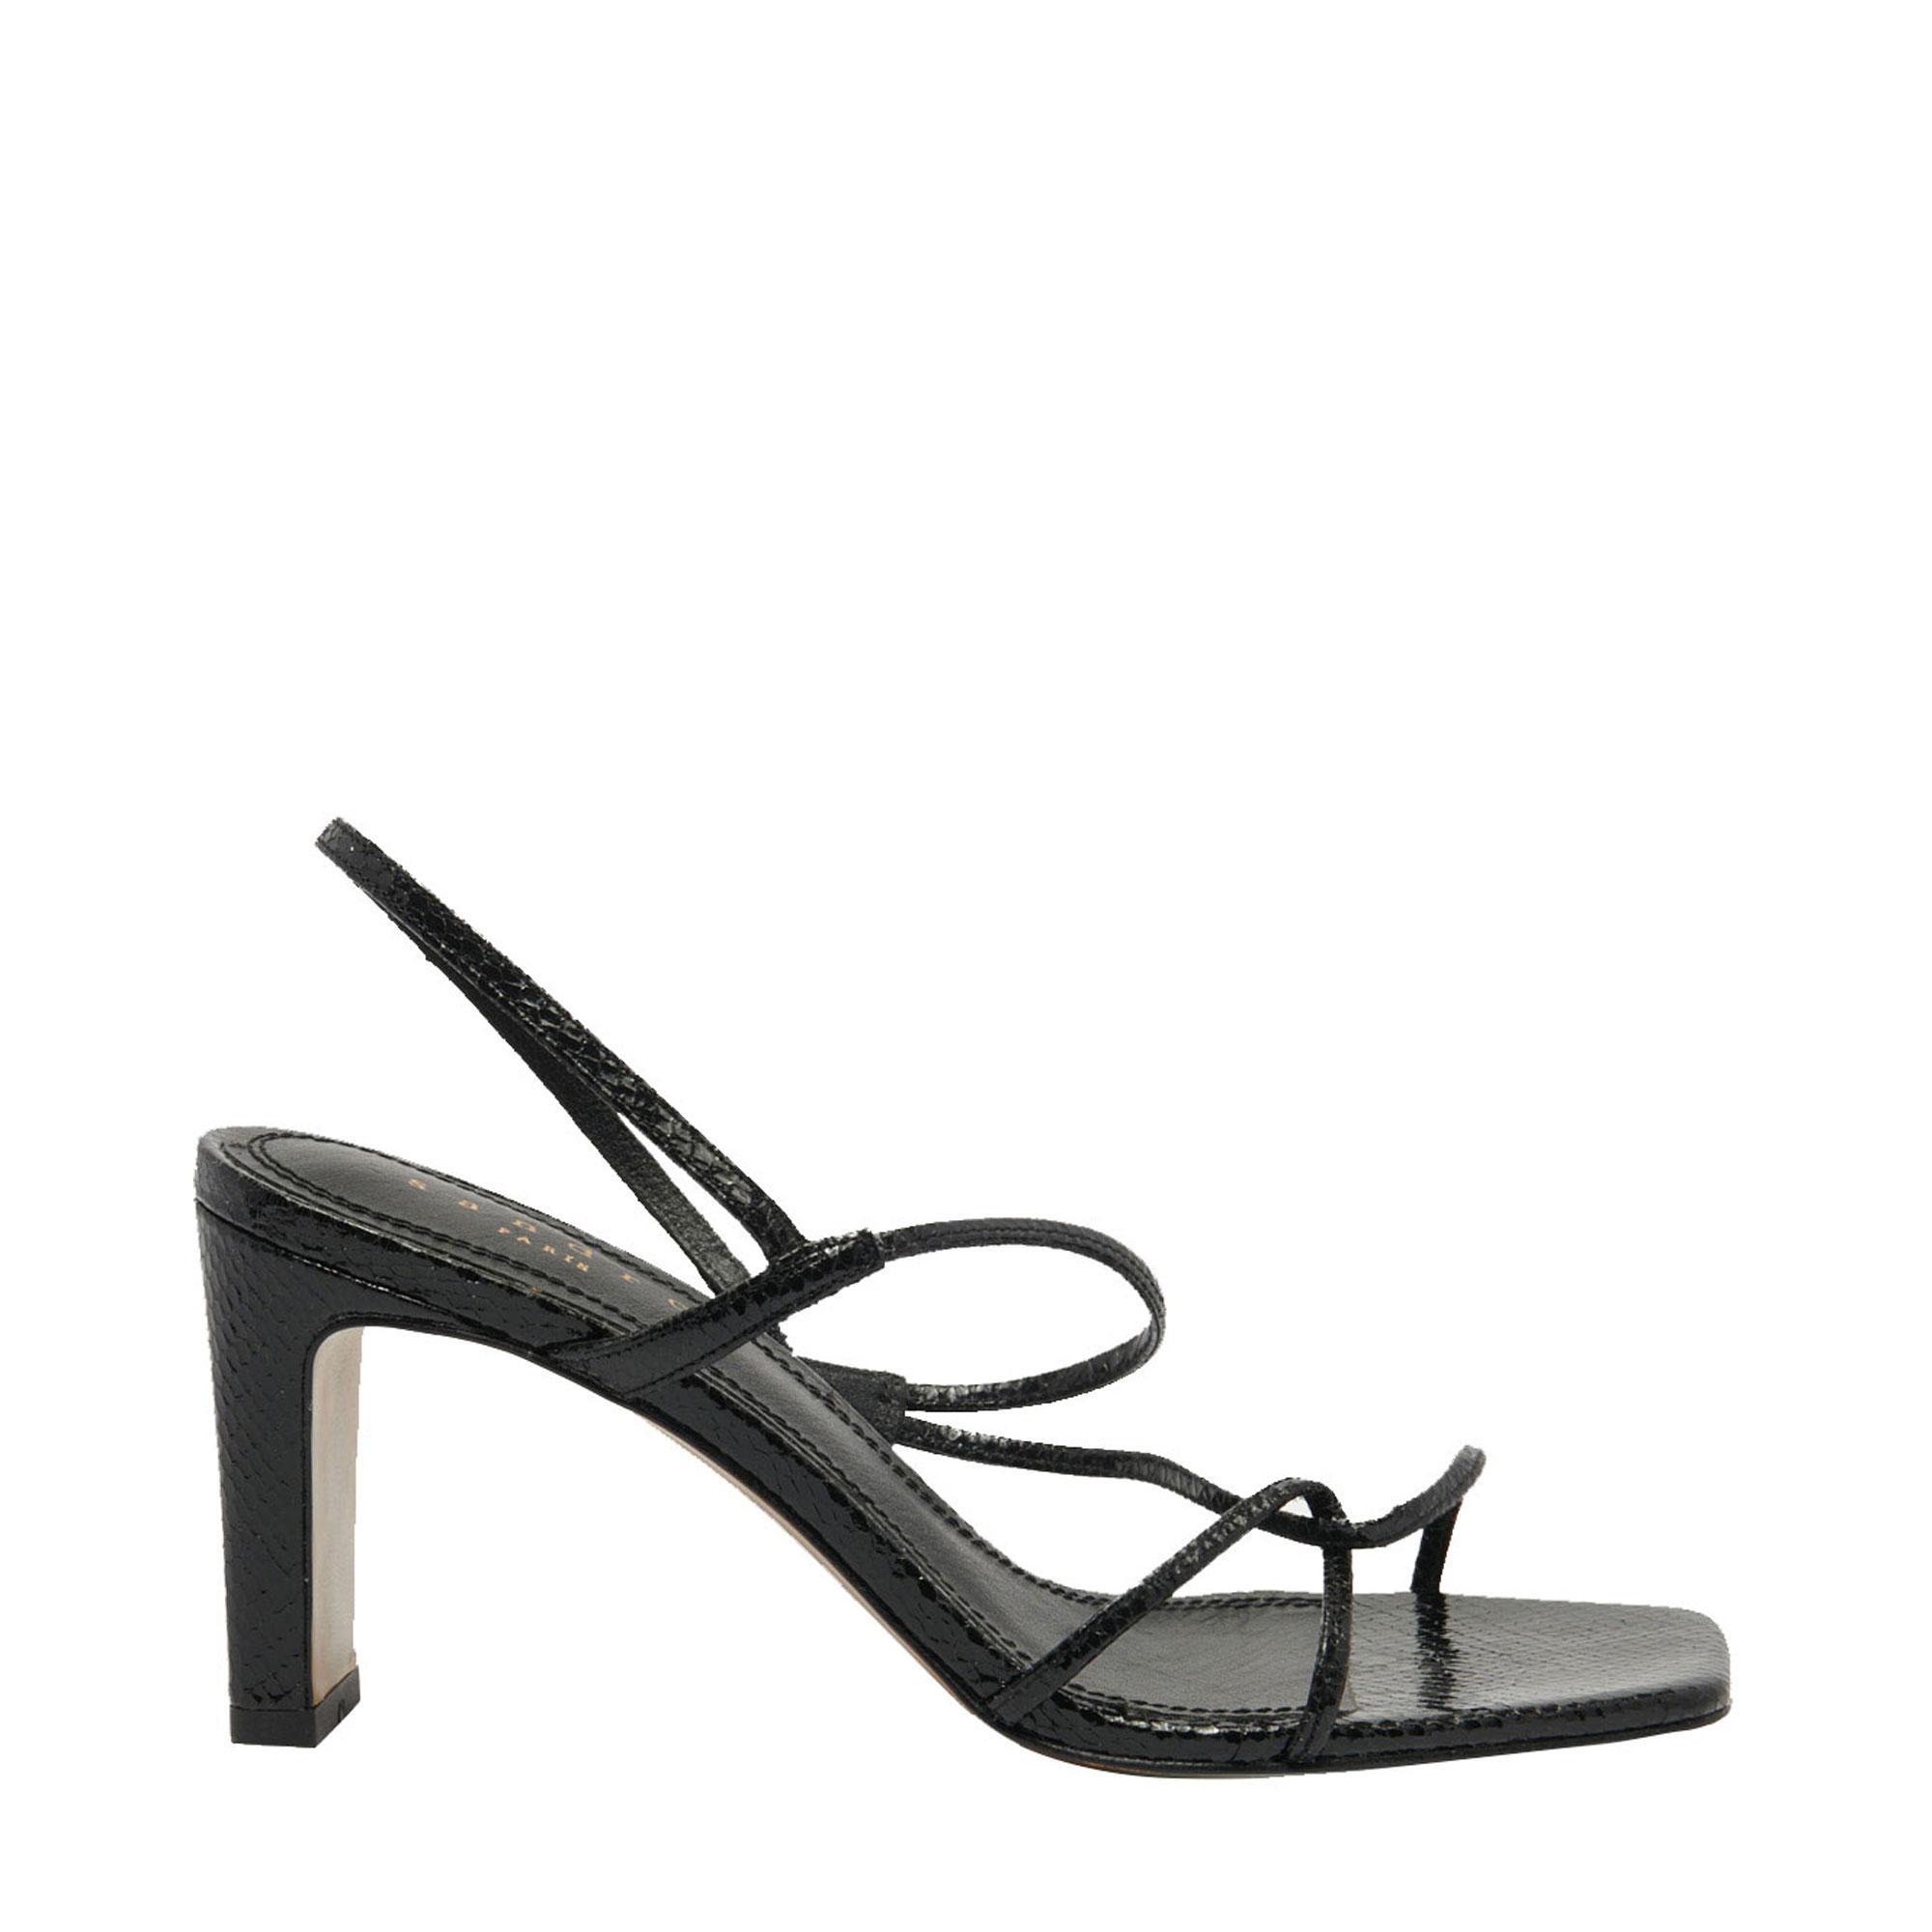 Faye Narrow Strap Sandals